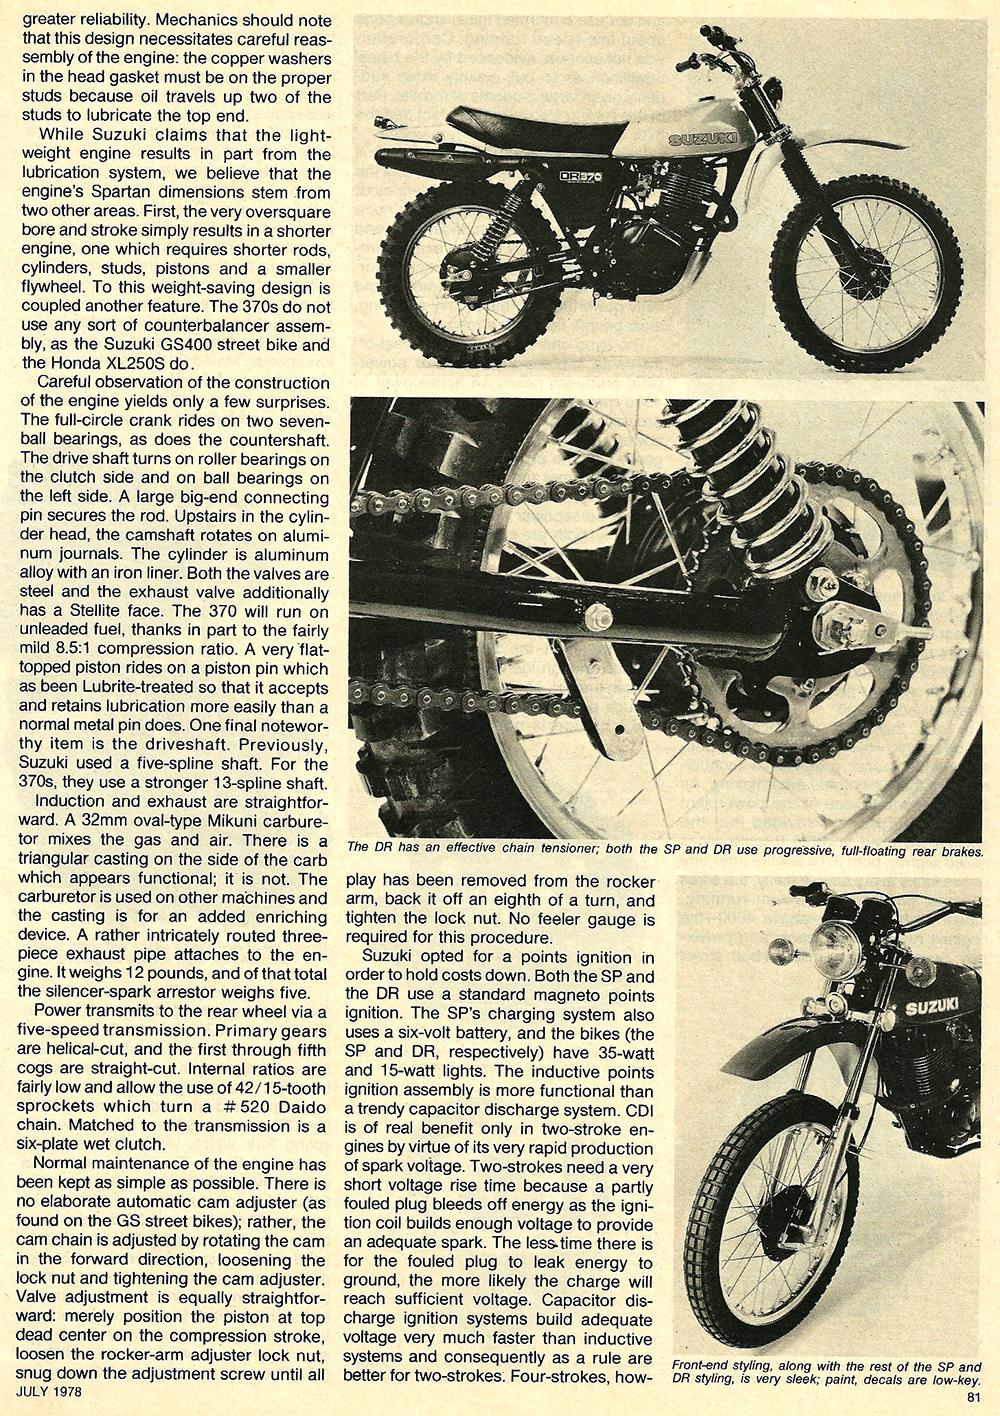 1978 Suzuki DR SP 370 road test 04.jpg